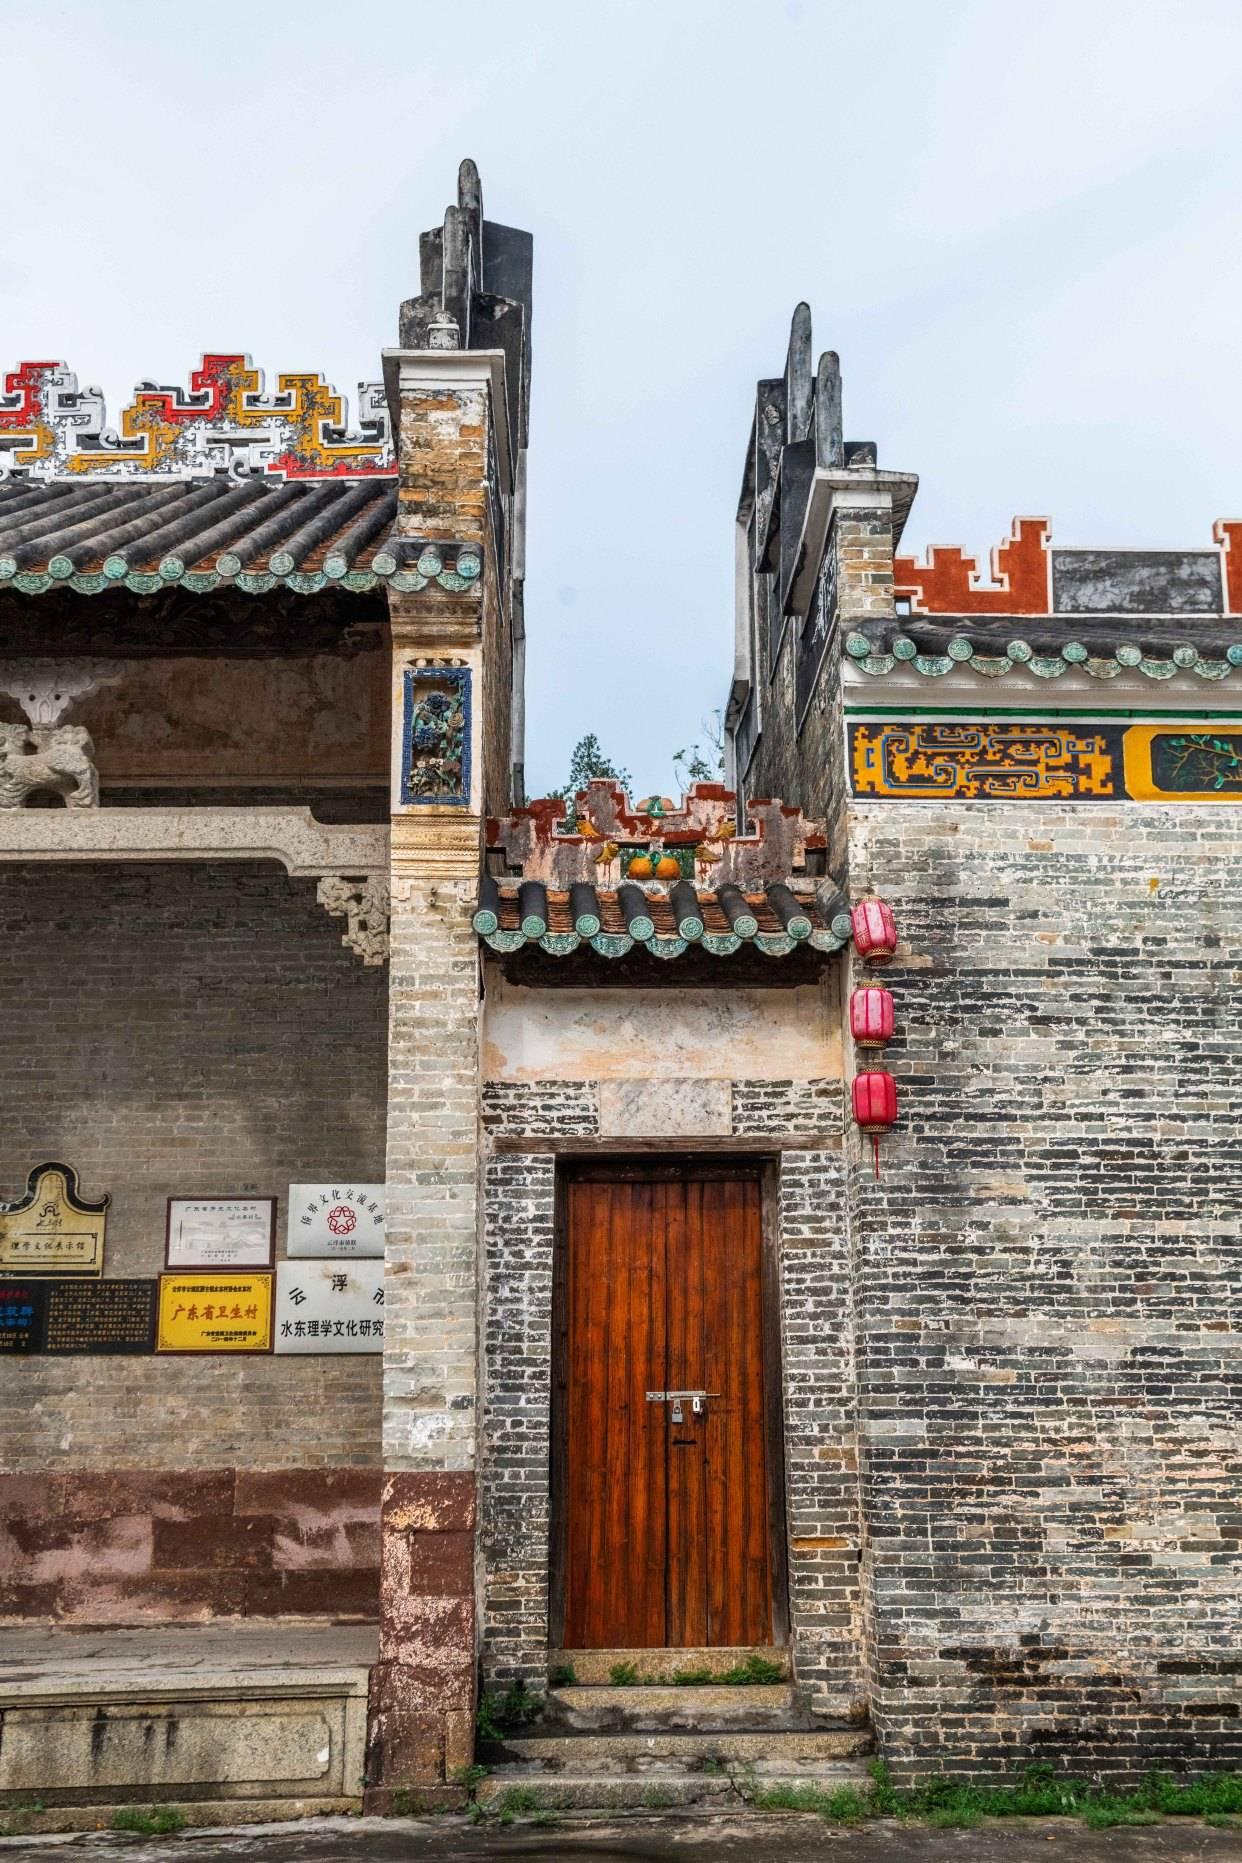 广东此古村超有趣,有徽派韵味,同时也有岭南特色,你知道为何吗